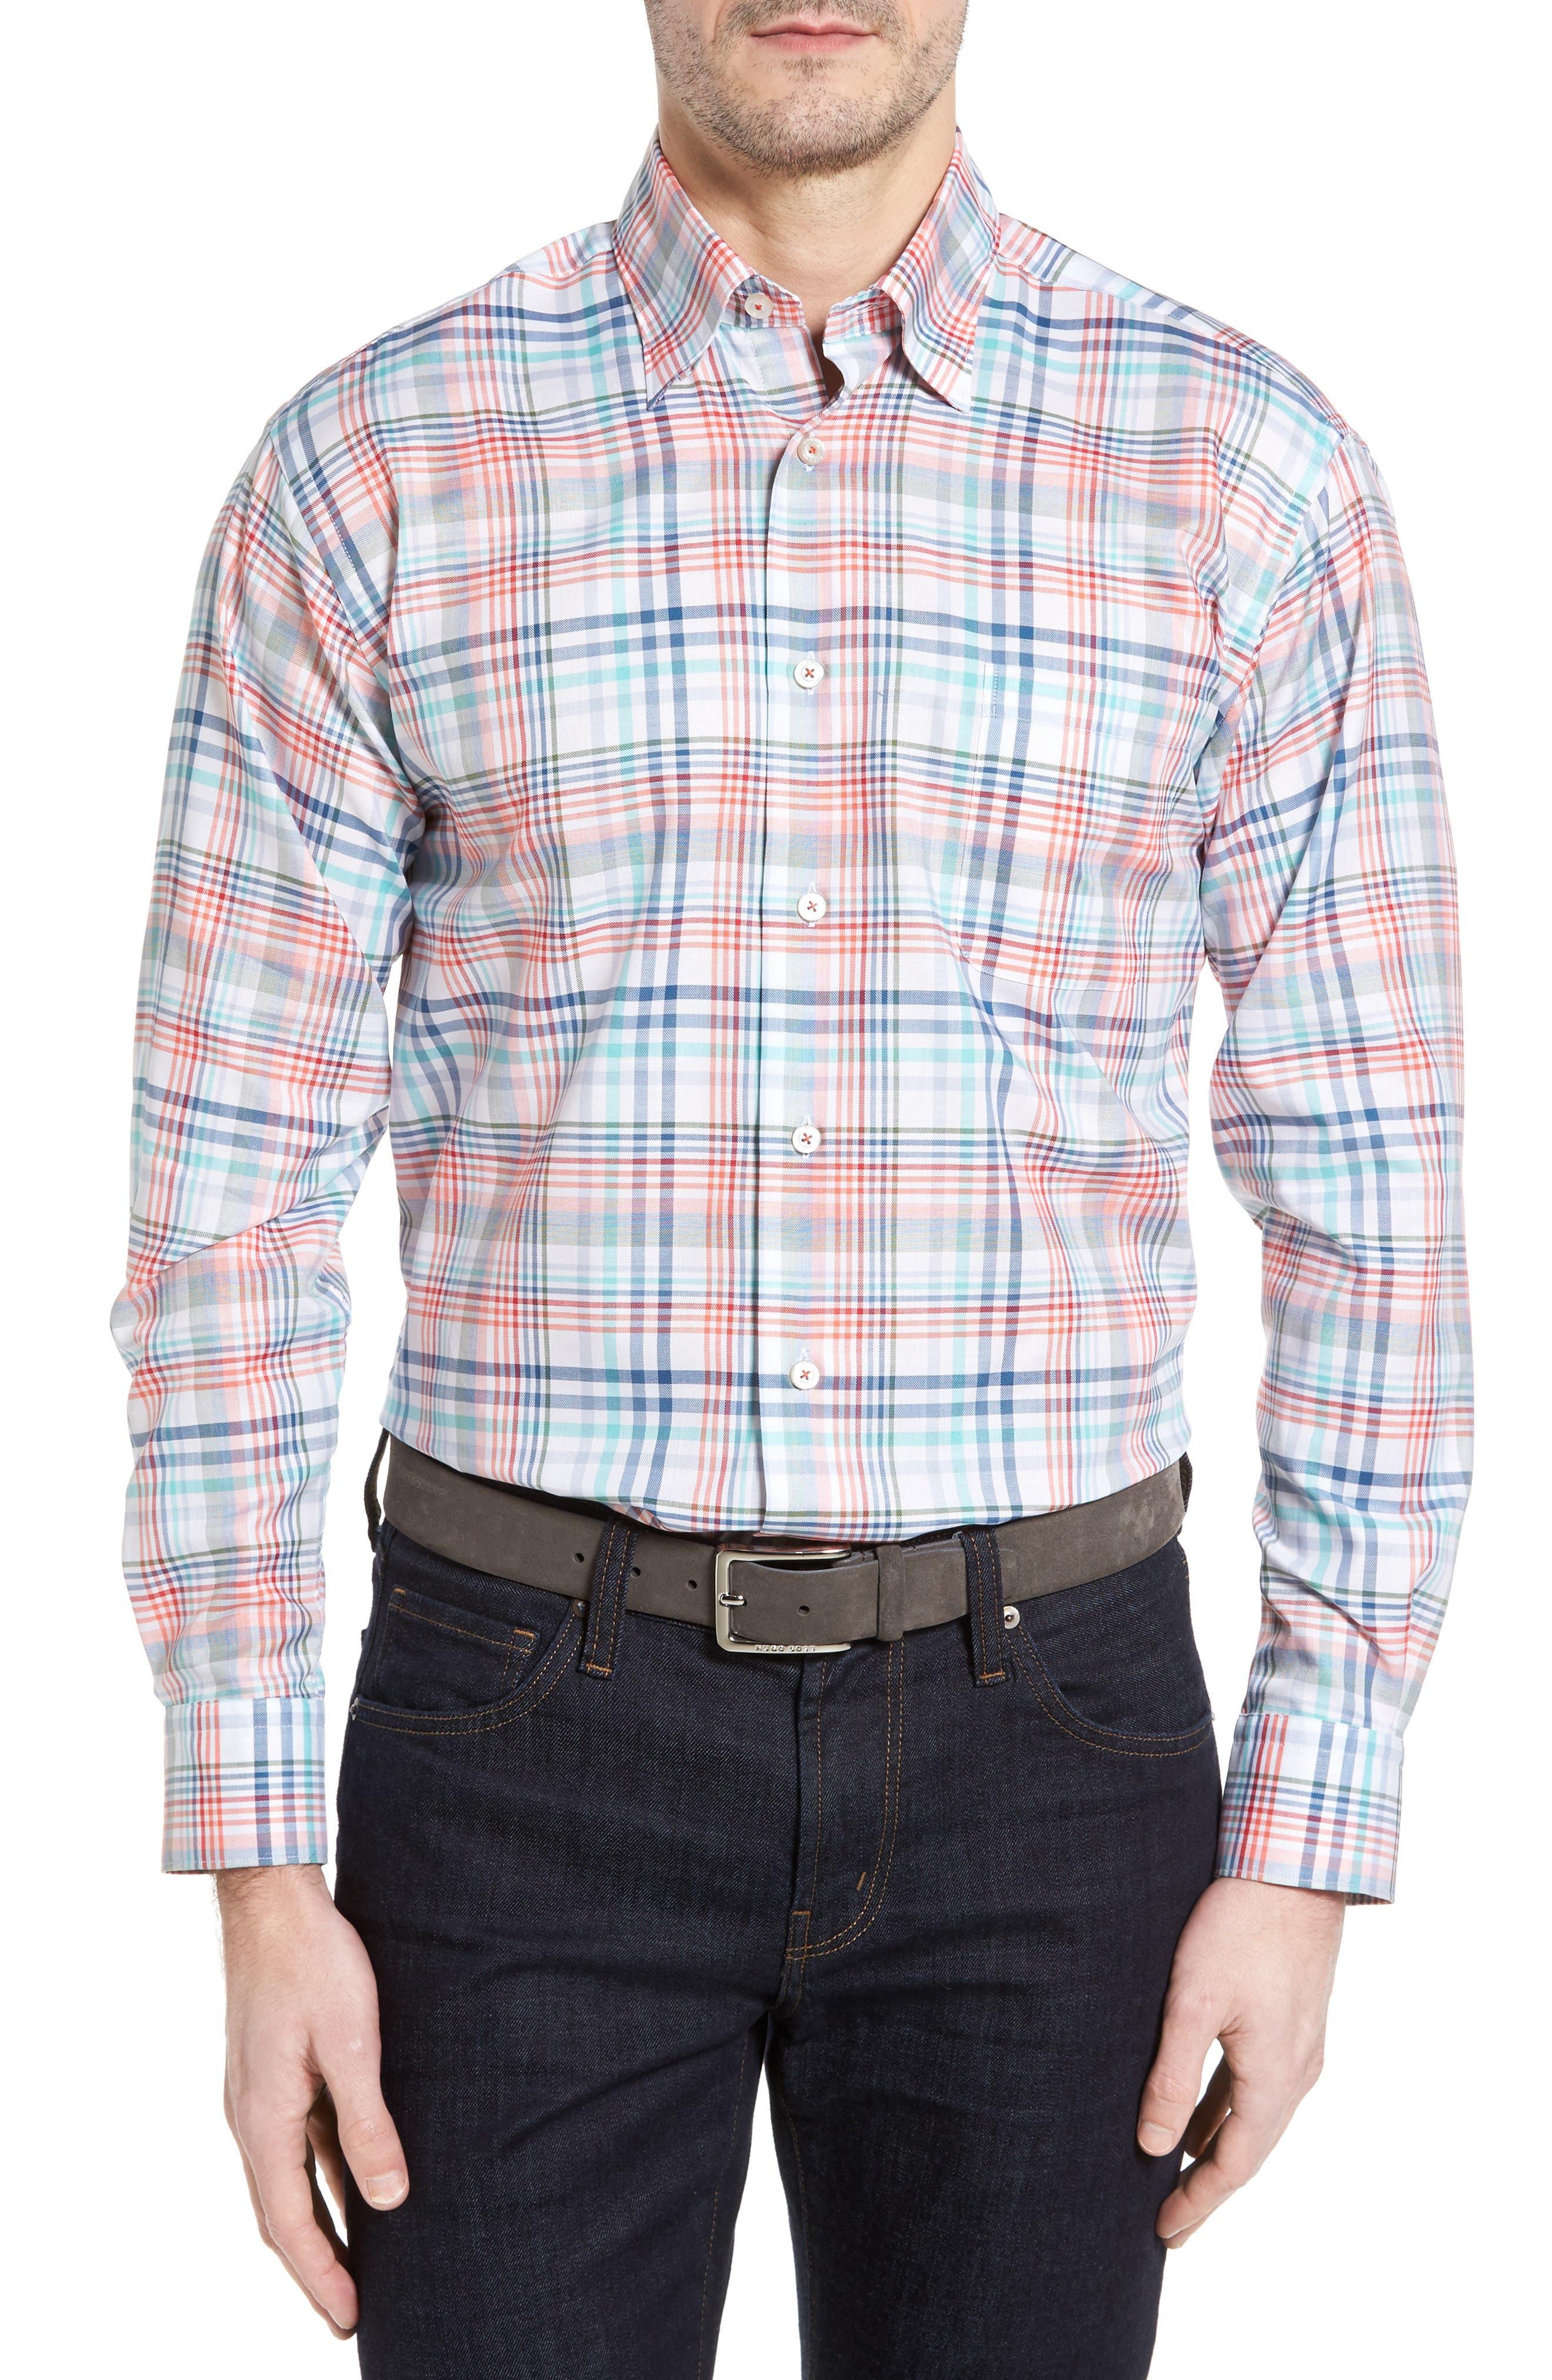 ROBERT TALBOTT Anderson Classic Fit Plaid Twill Sport Shirt, Main, color, 860